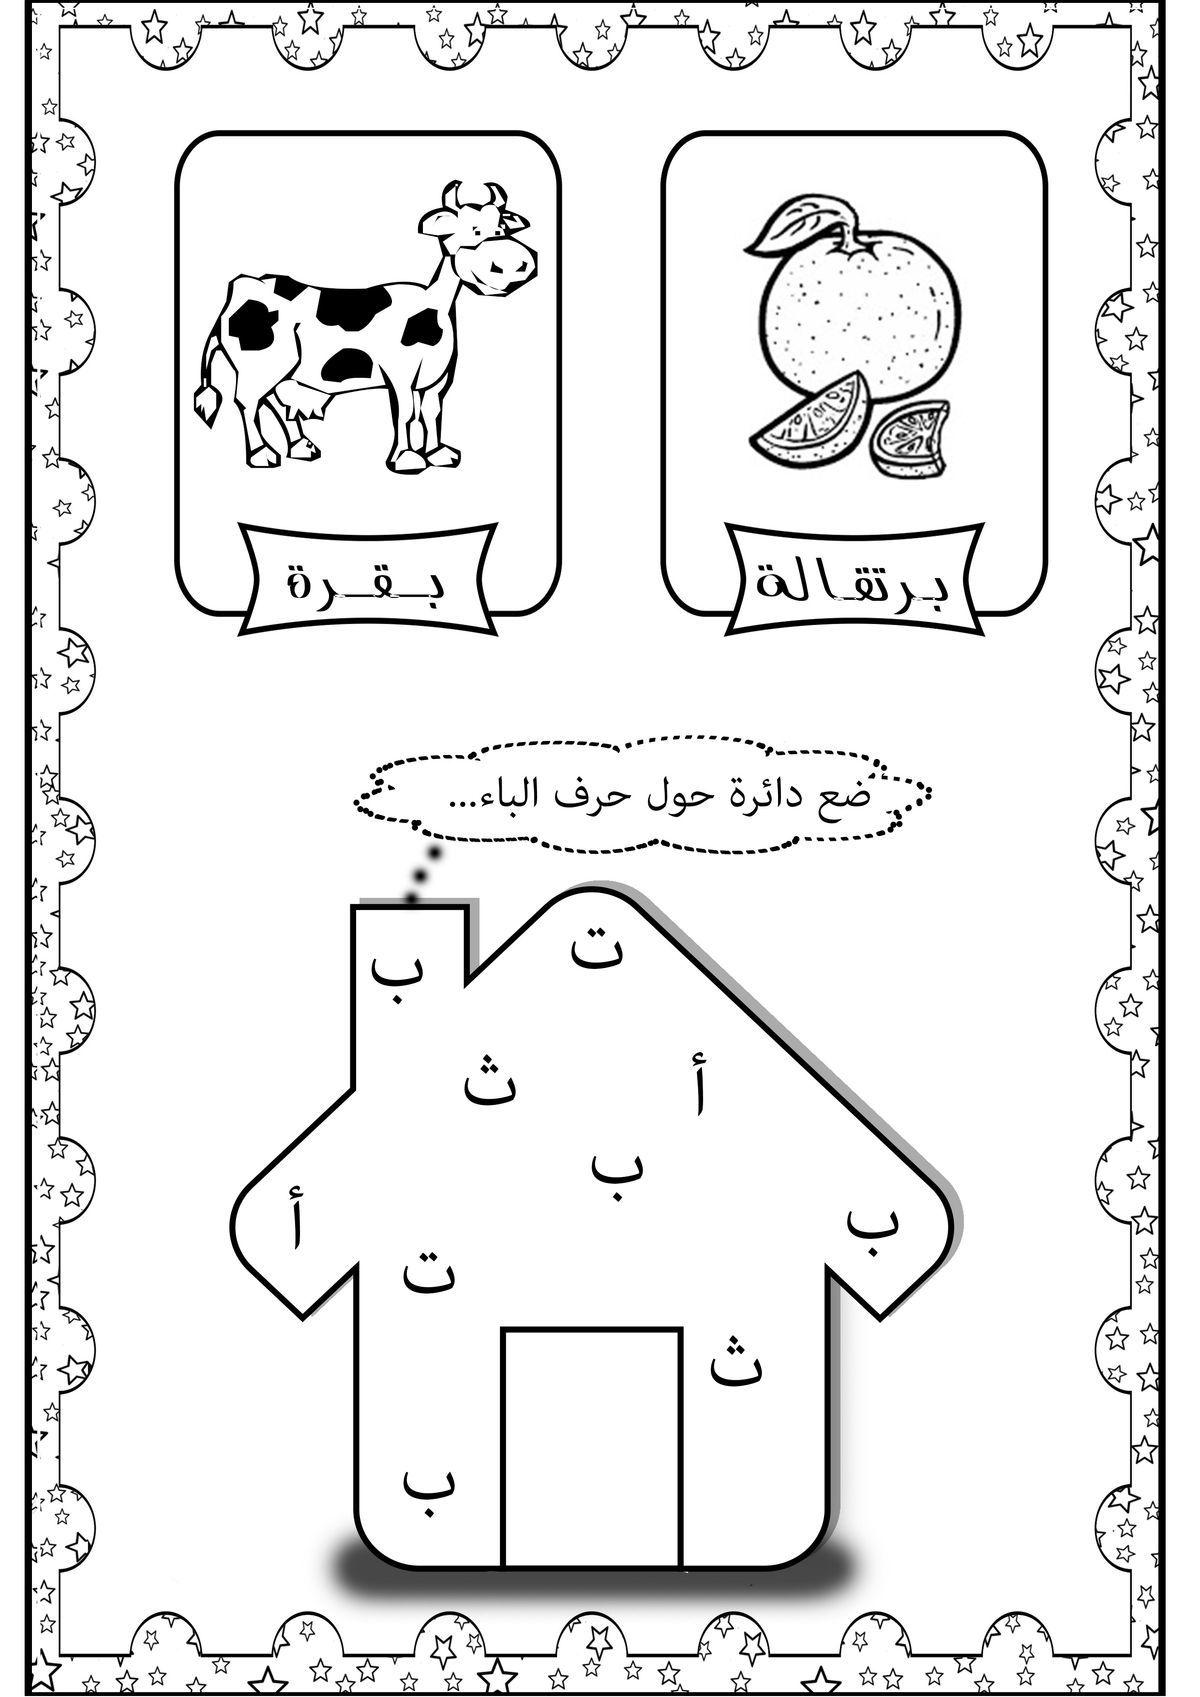 A713cb34fad61f47284d736f0baa7f29 Jpg 1200 1697 Arabic Kids Arabic Alphabet Learning Arabic